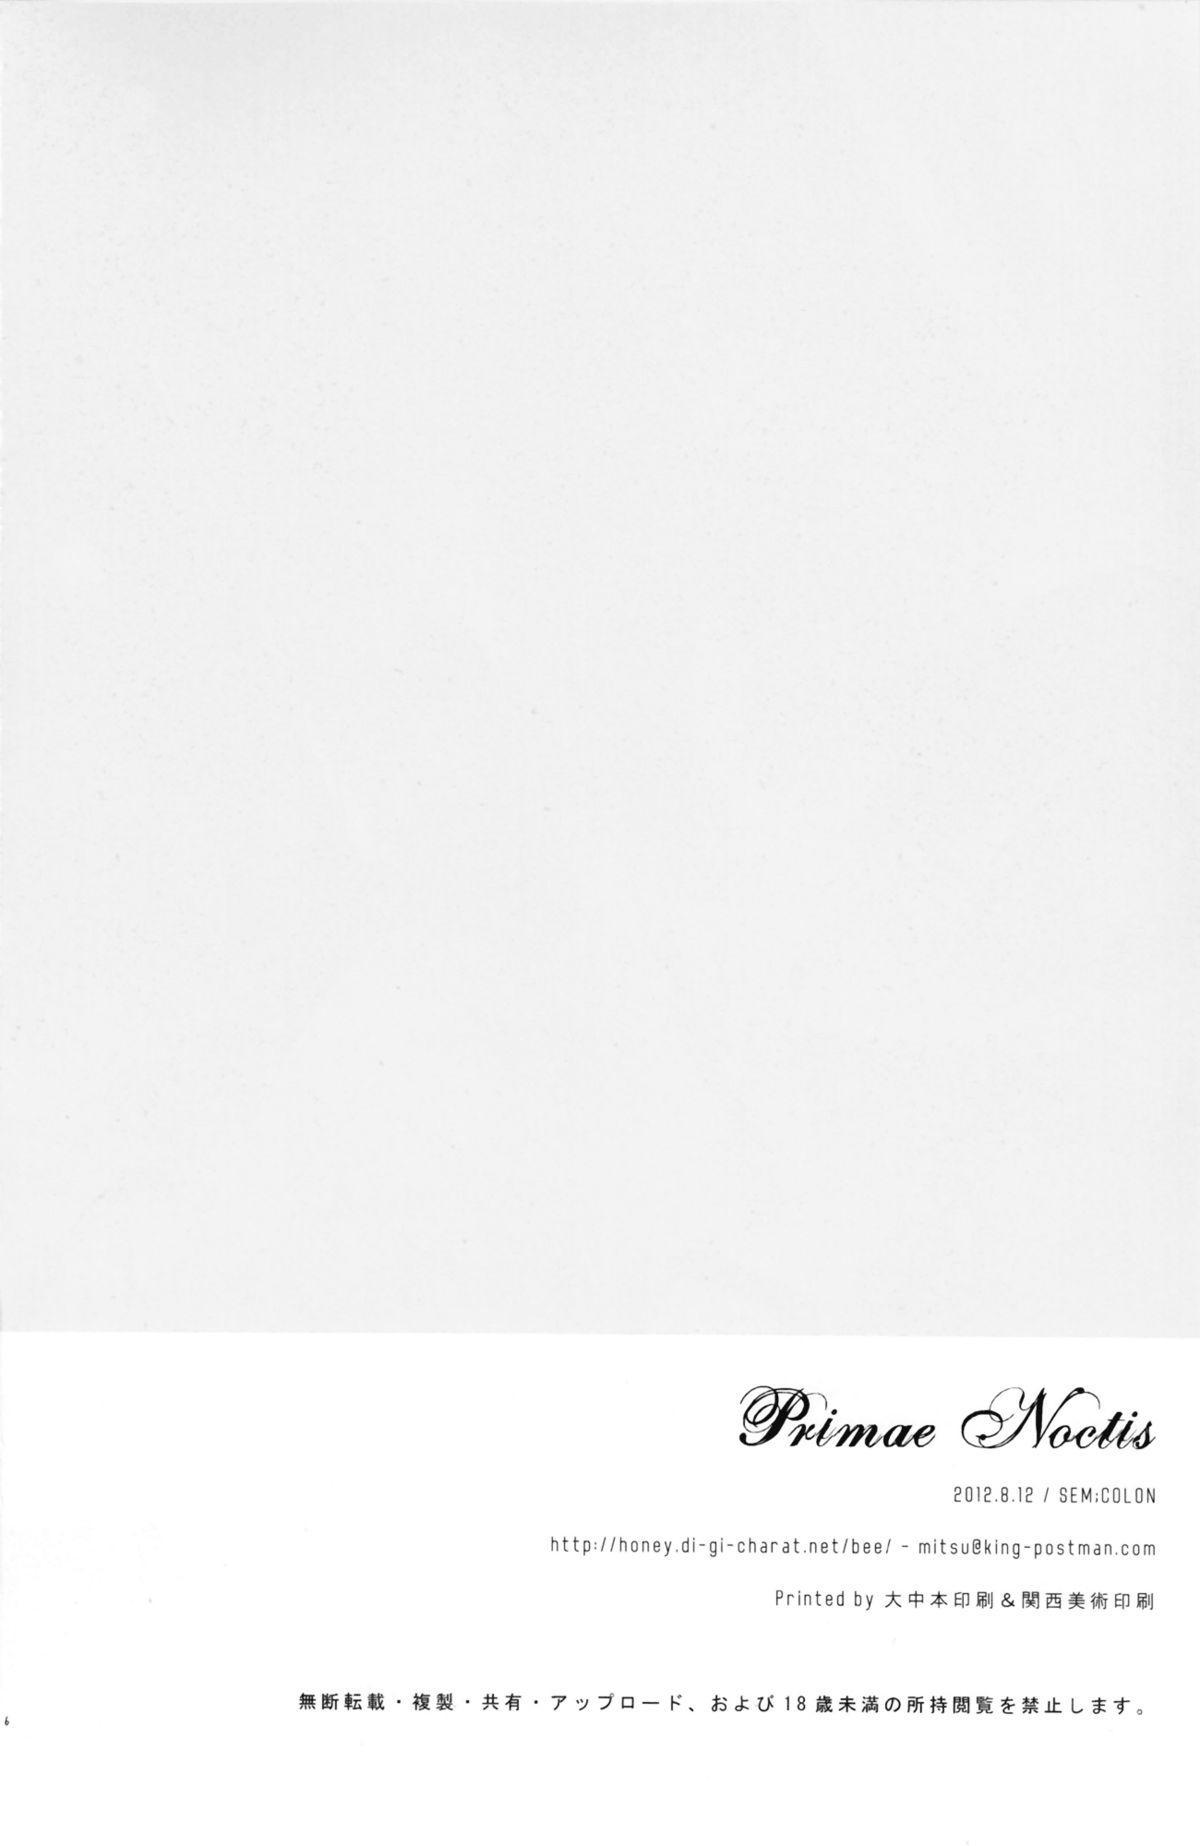 Primae Noctis 25